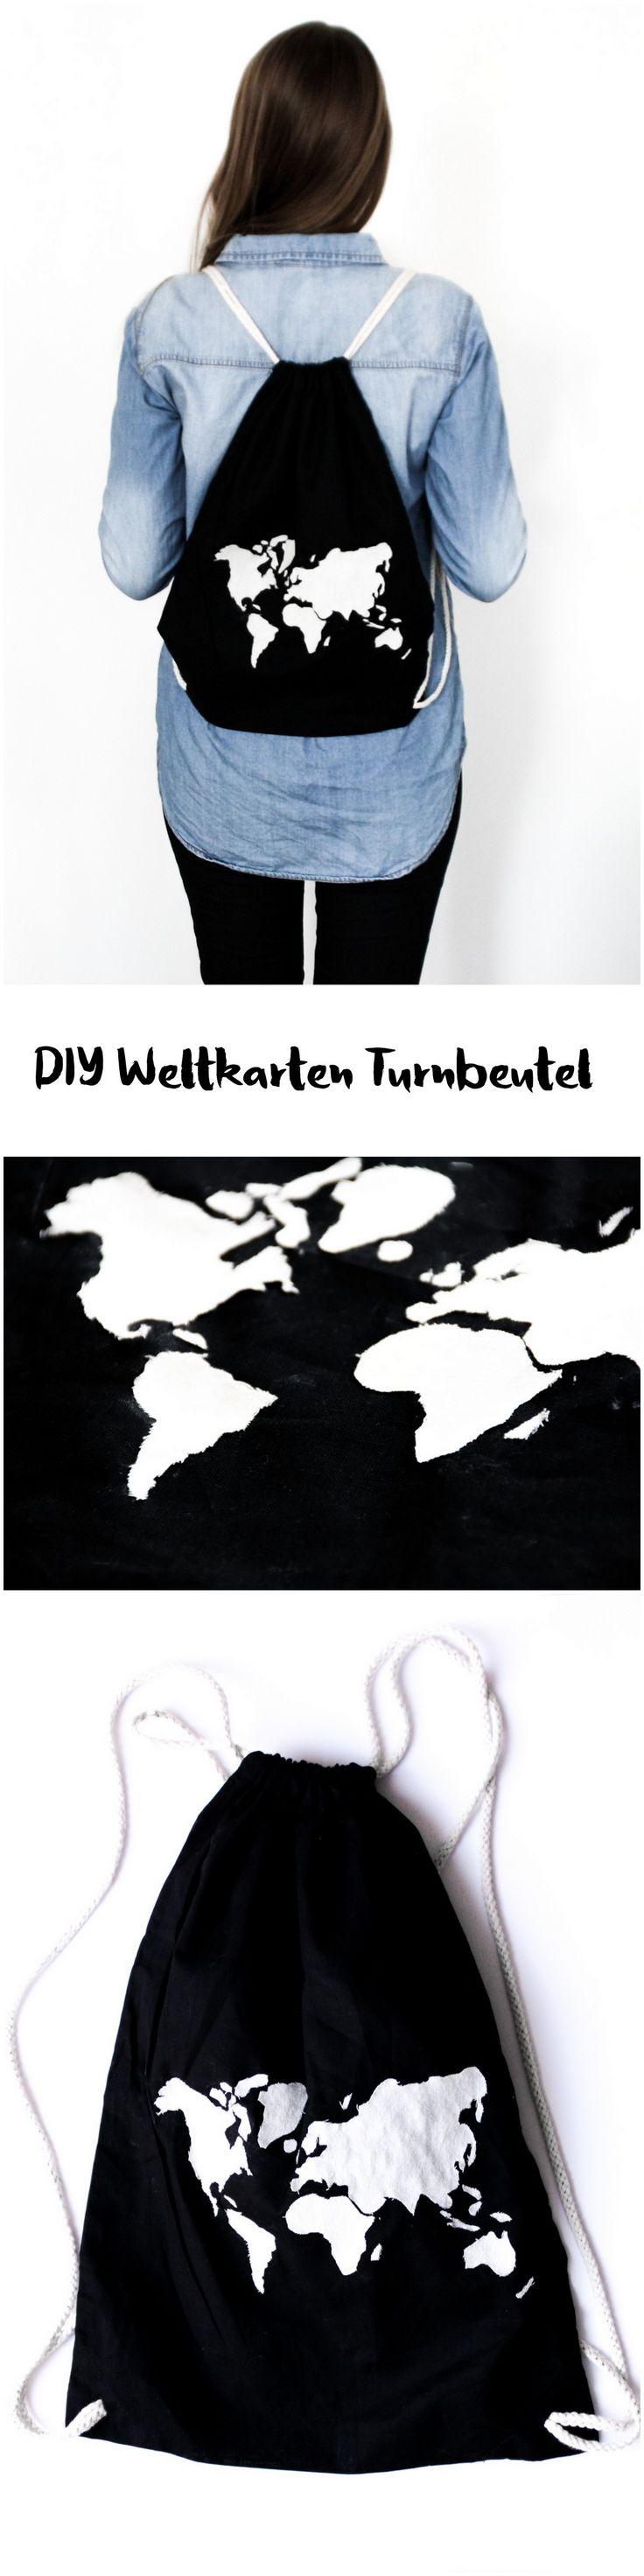 DIY Turnbeutel mit Weltkarte schwarz weiß Anleitung handmade fashion || gym bag with world map black and white || Mode